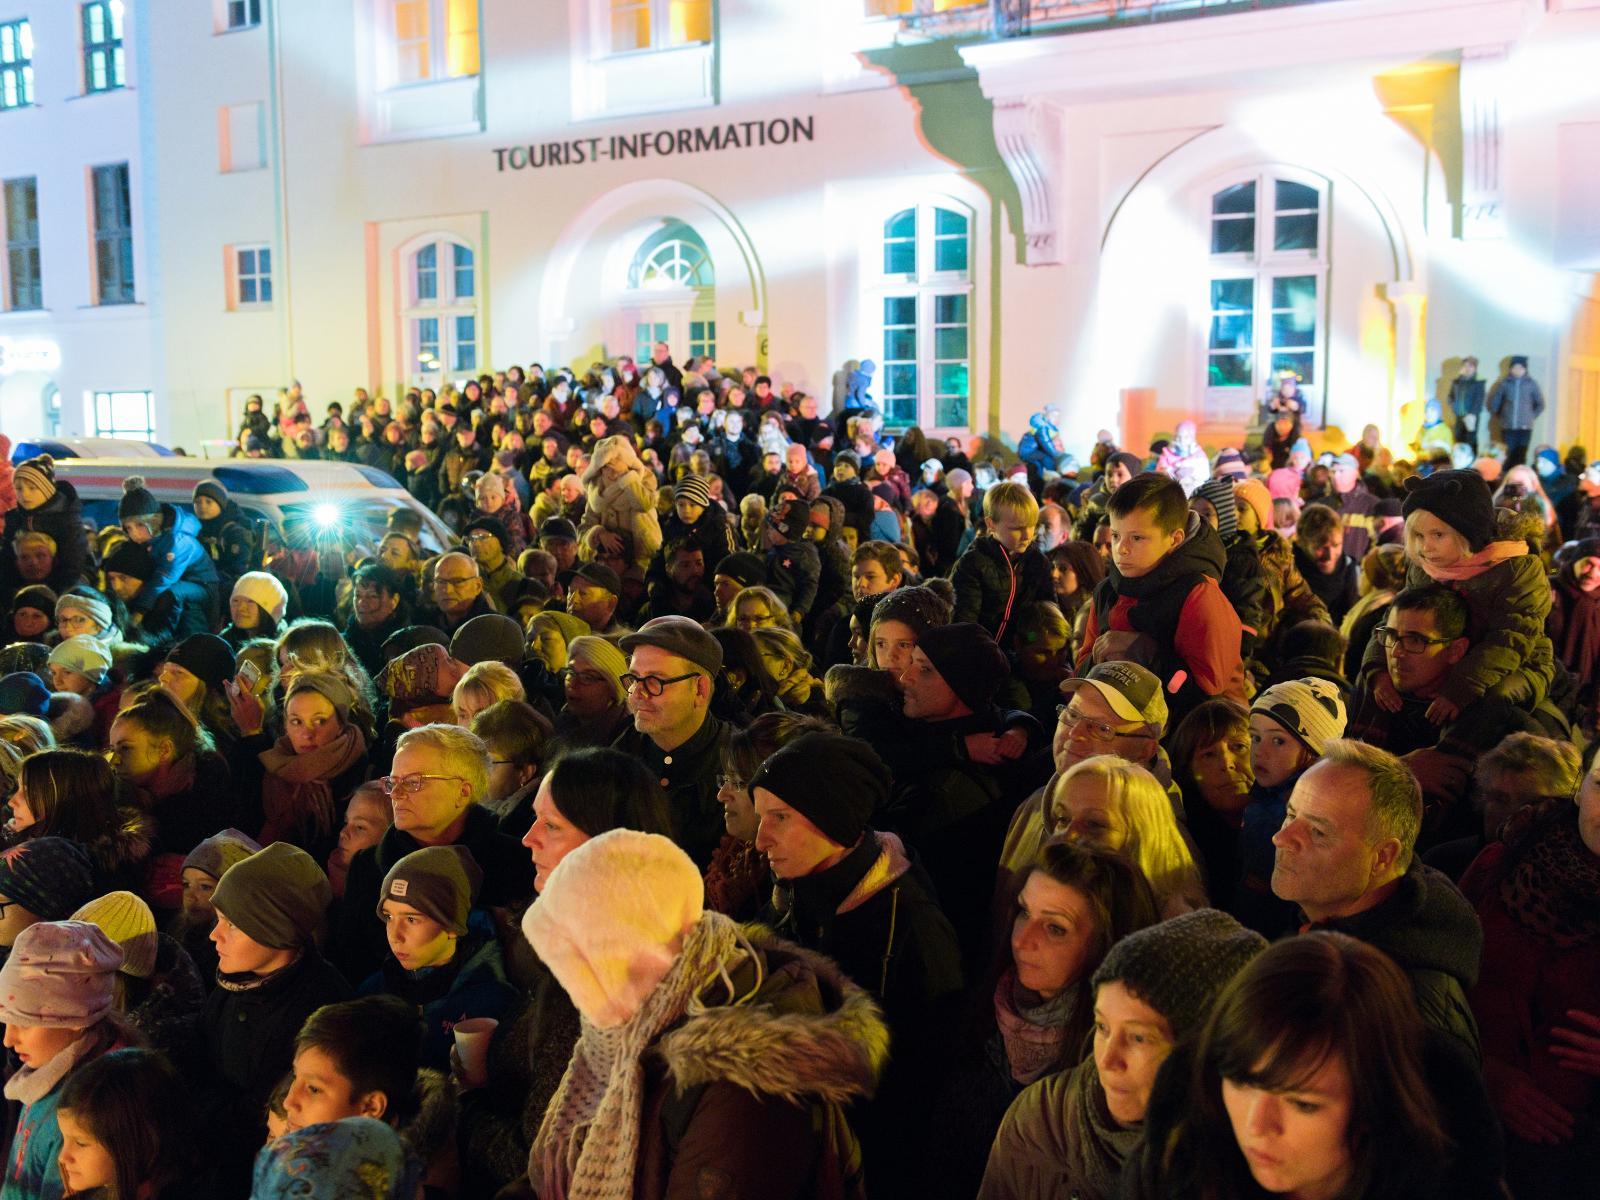 Die zahlreichen Besucher auf dem Uni-Platz staunen über die verschiedenen Aktionskünstler